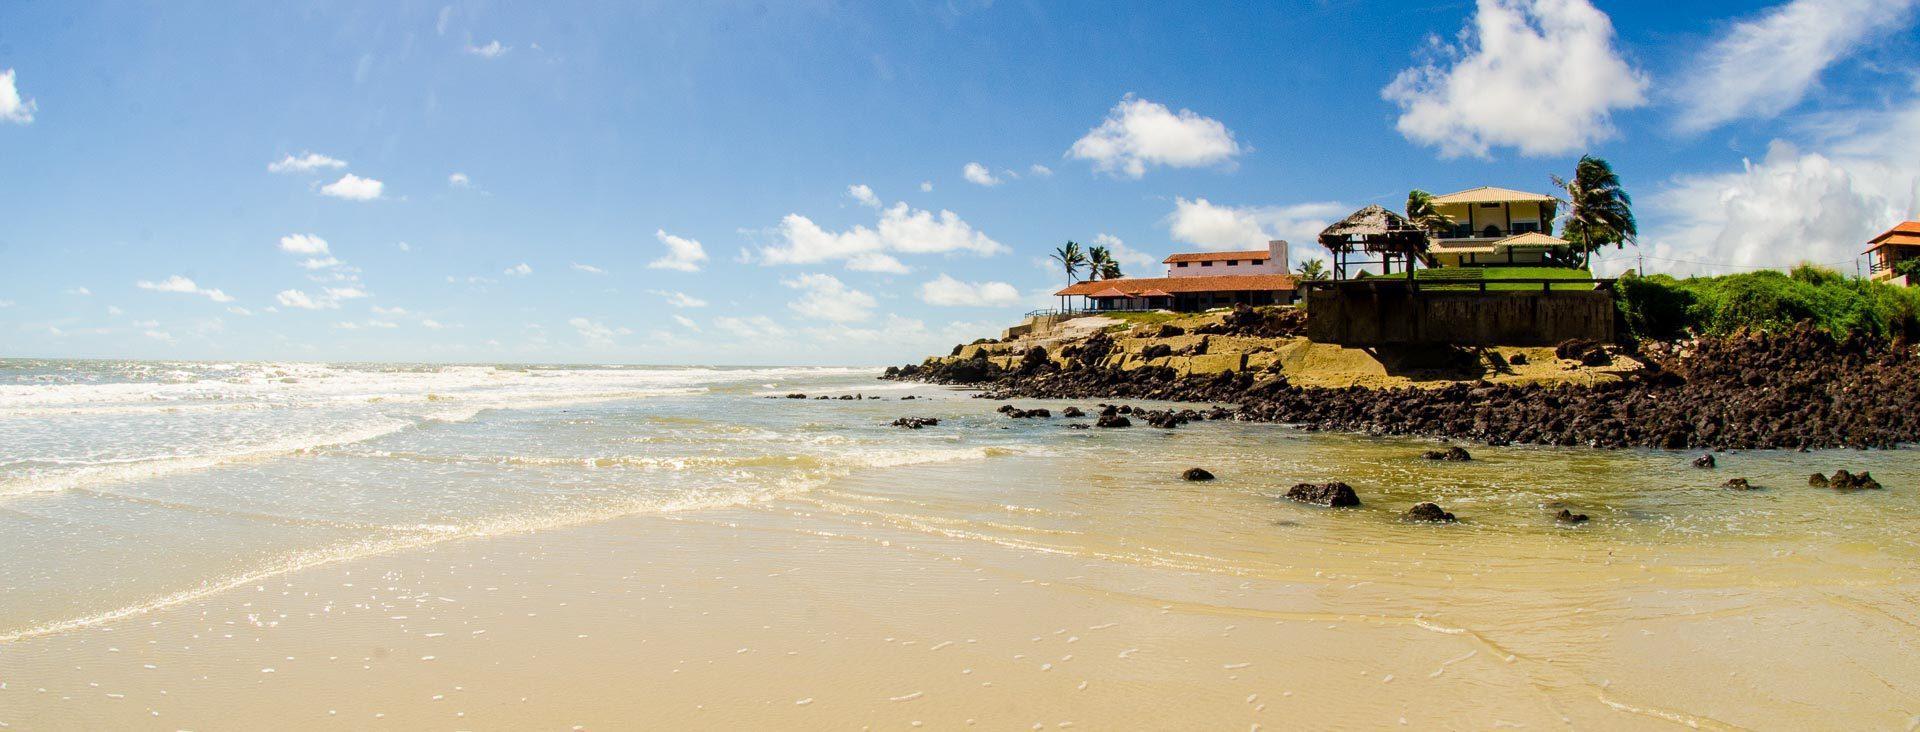 Farol velho - Salinas - Pará